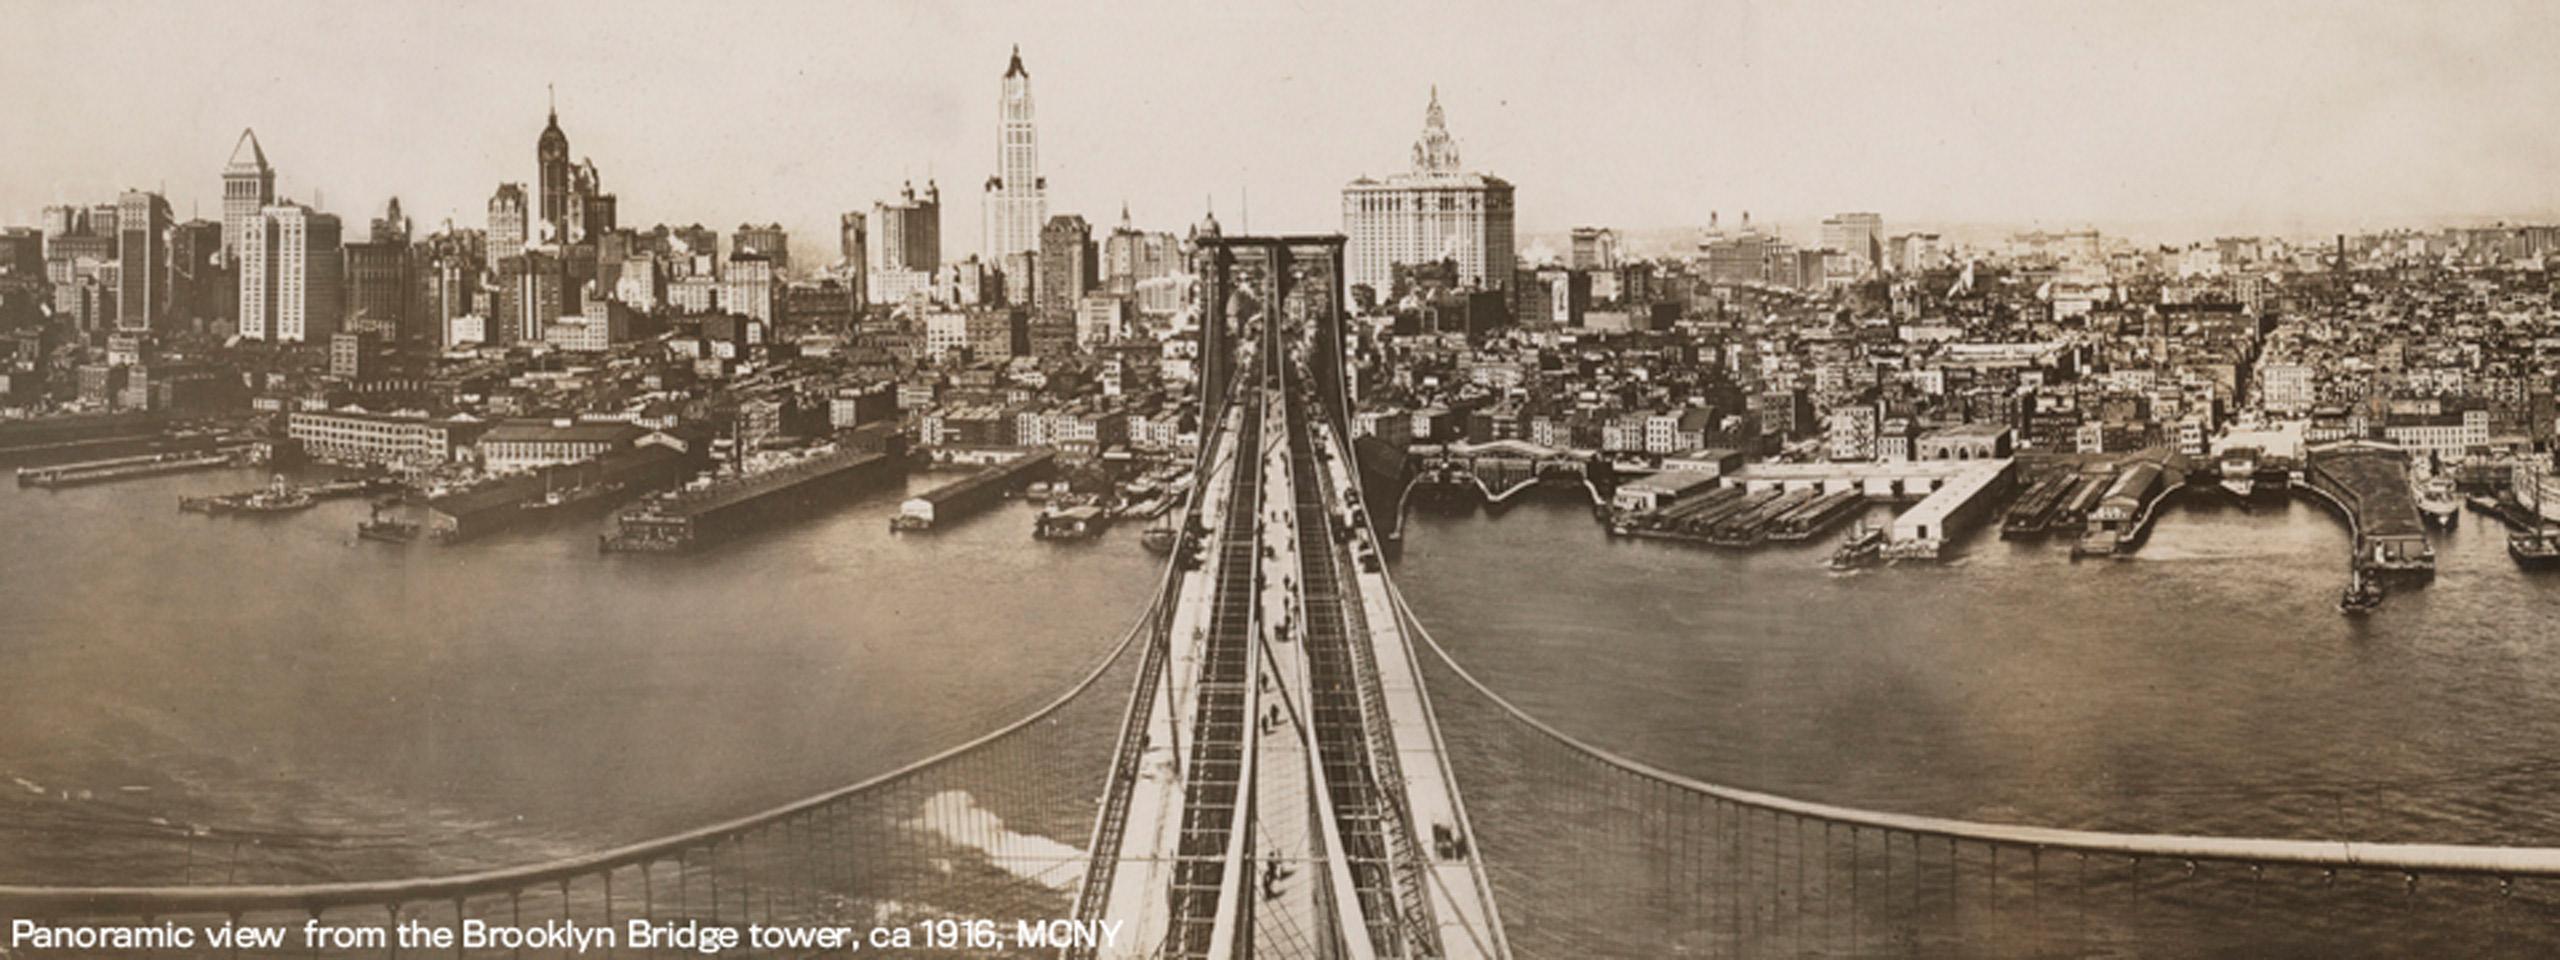 Vista panorámica desde la torre del puente de Brooklyn alrededor de 1916